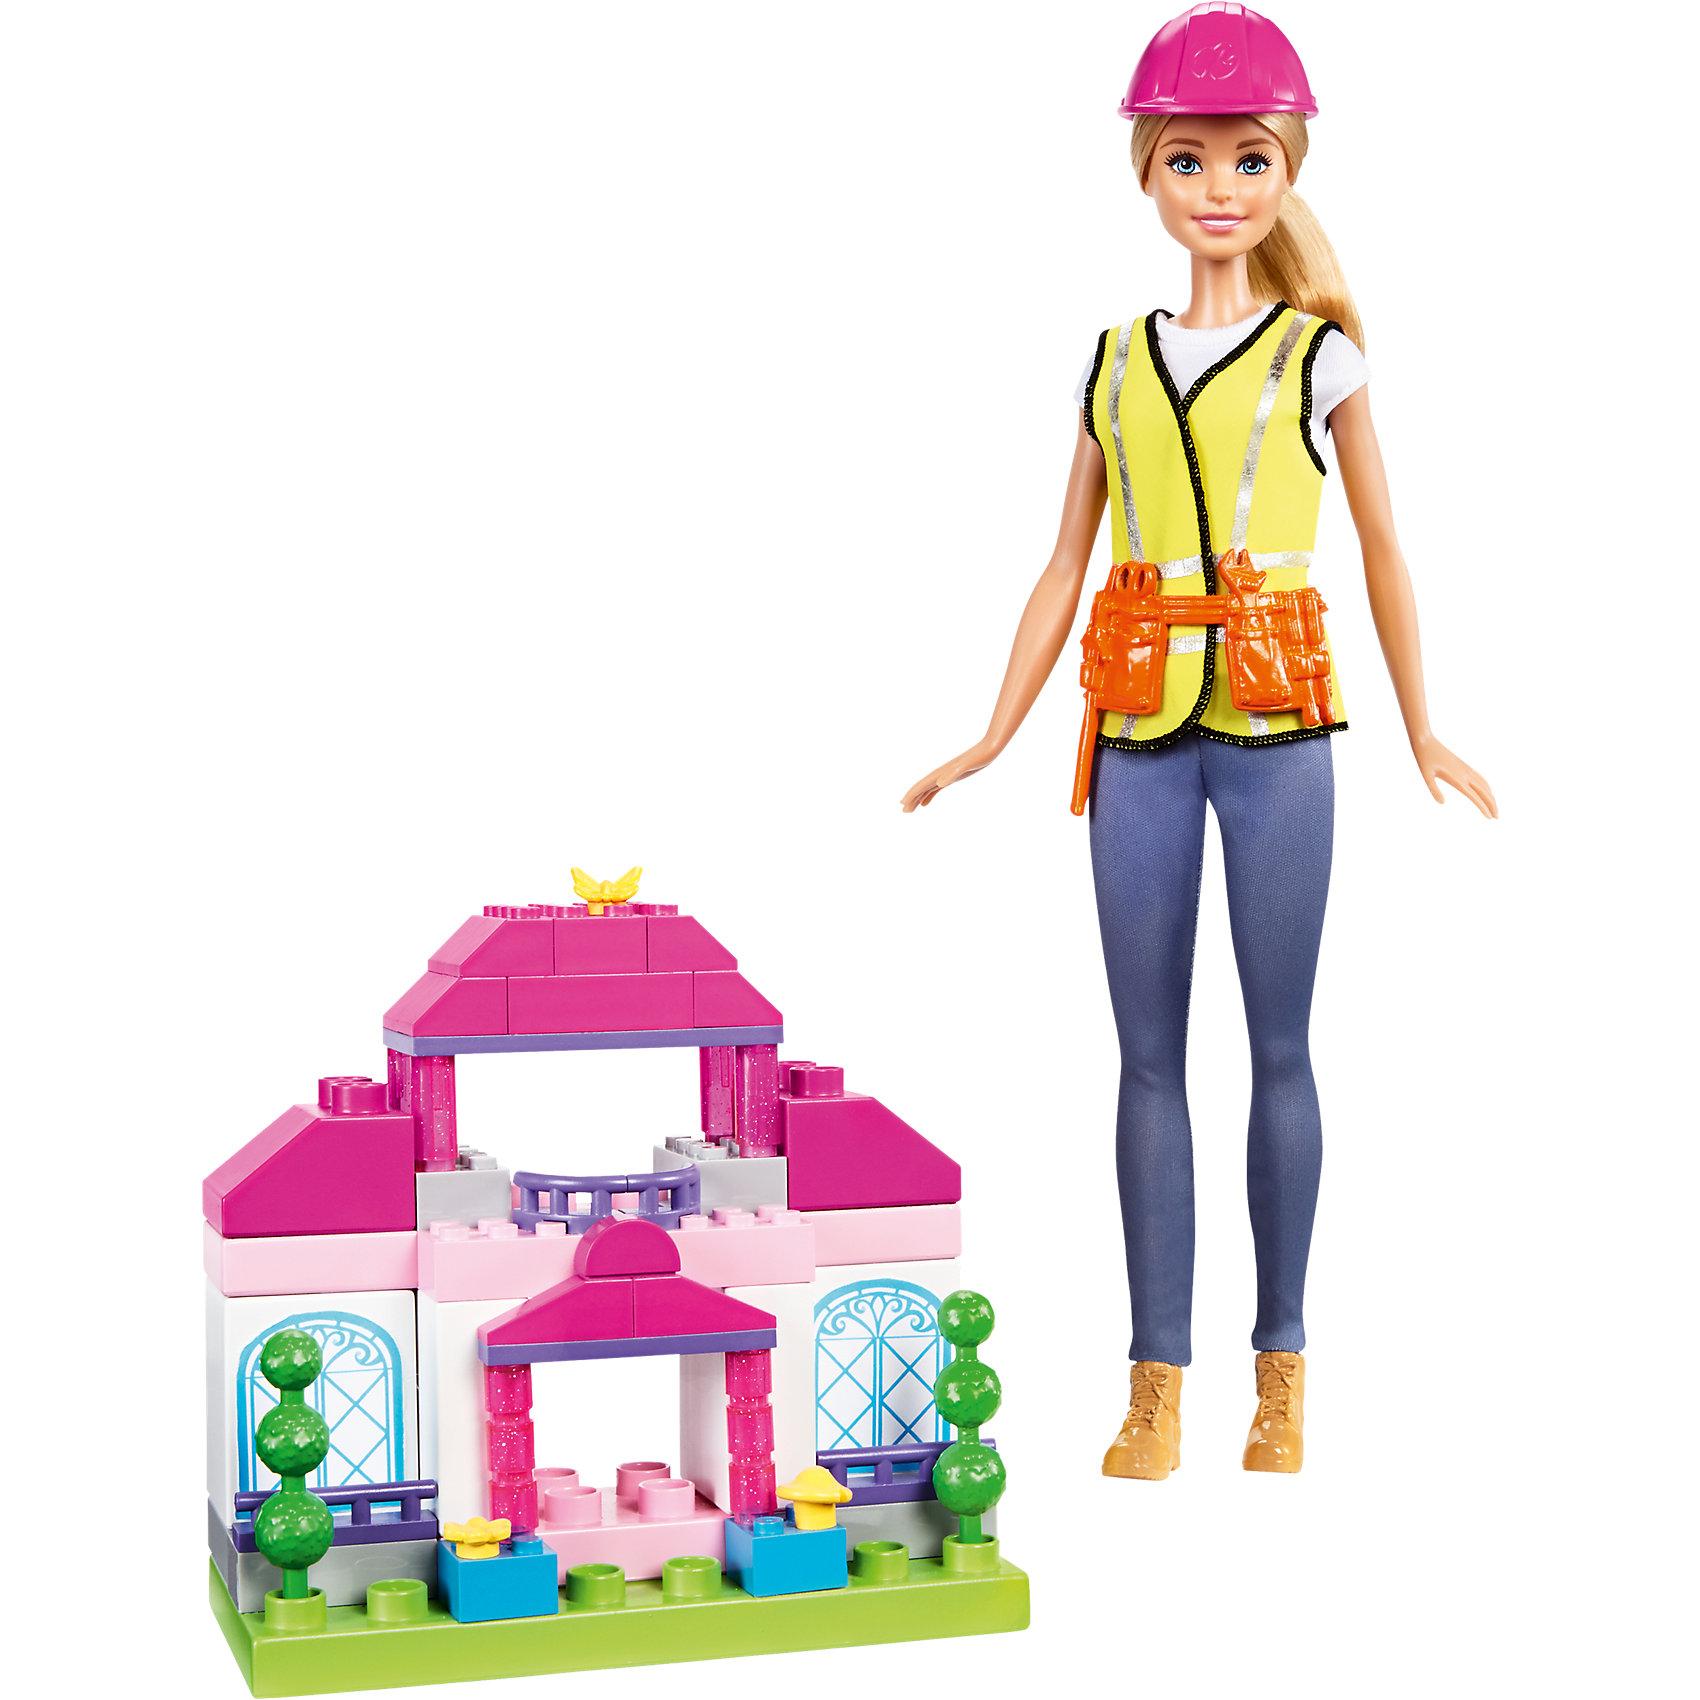 Игровой набор Barbie СтроительКуклы-модели<br><br><br>Ширина мм: 340<br>Глубина мм: 218<br>Высота мм: 66<br>Вес г: 480<br>Возраст от месяцев: 36<br>Возраст до месяцев: 72<br>Пол: Женский<br>Возраст: Детский<br>SKU: 6746580